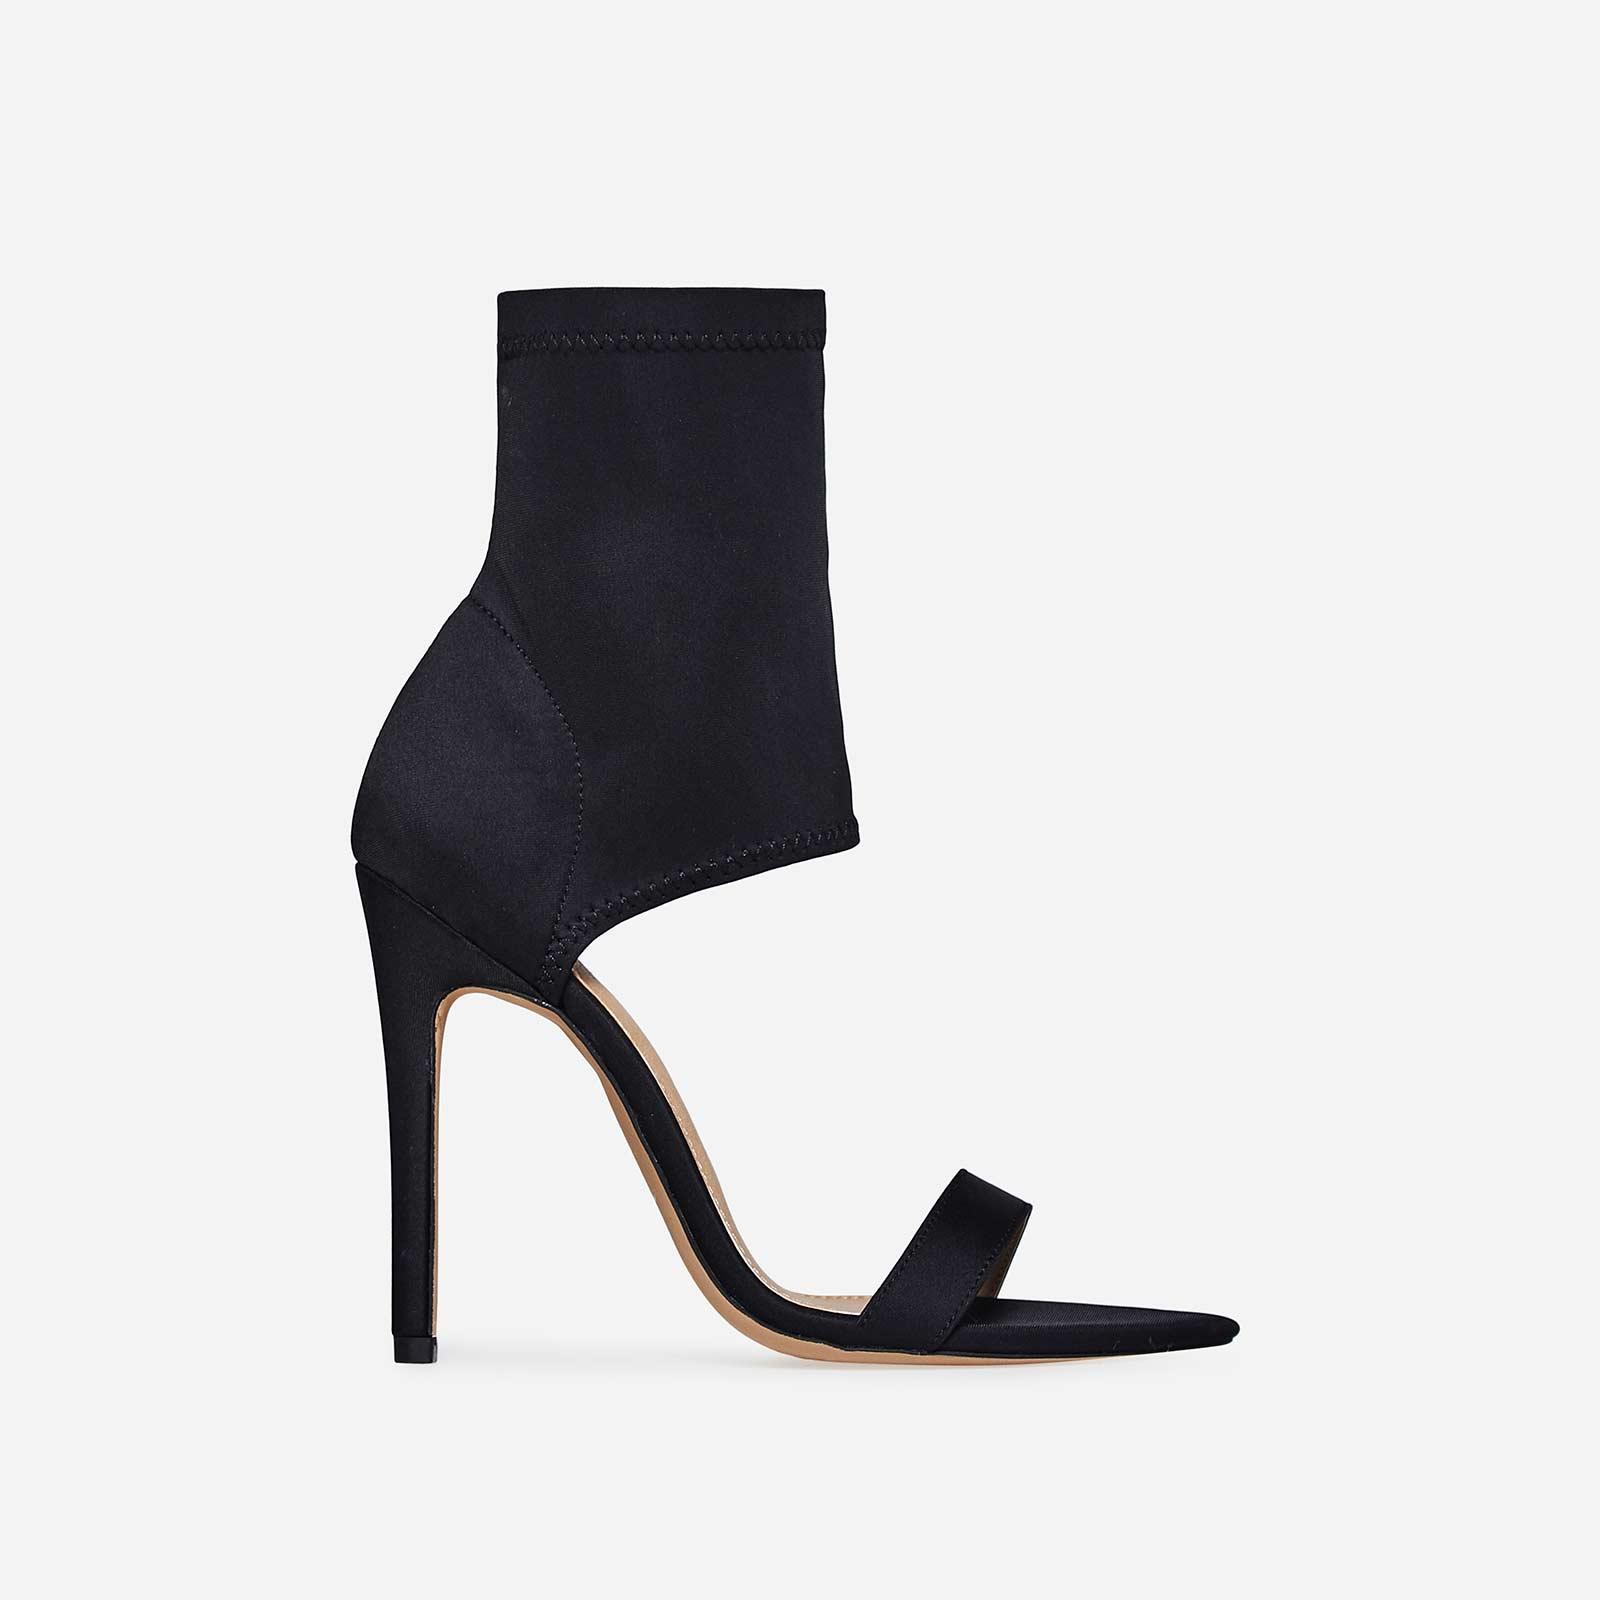 Stassi Pointed Cuff Heel In Black Lycra